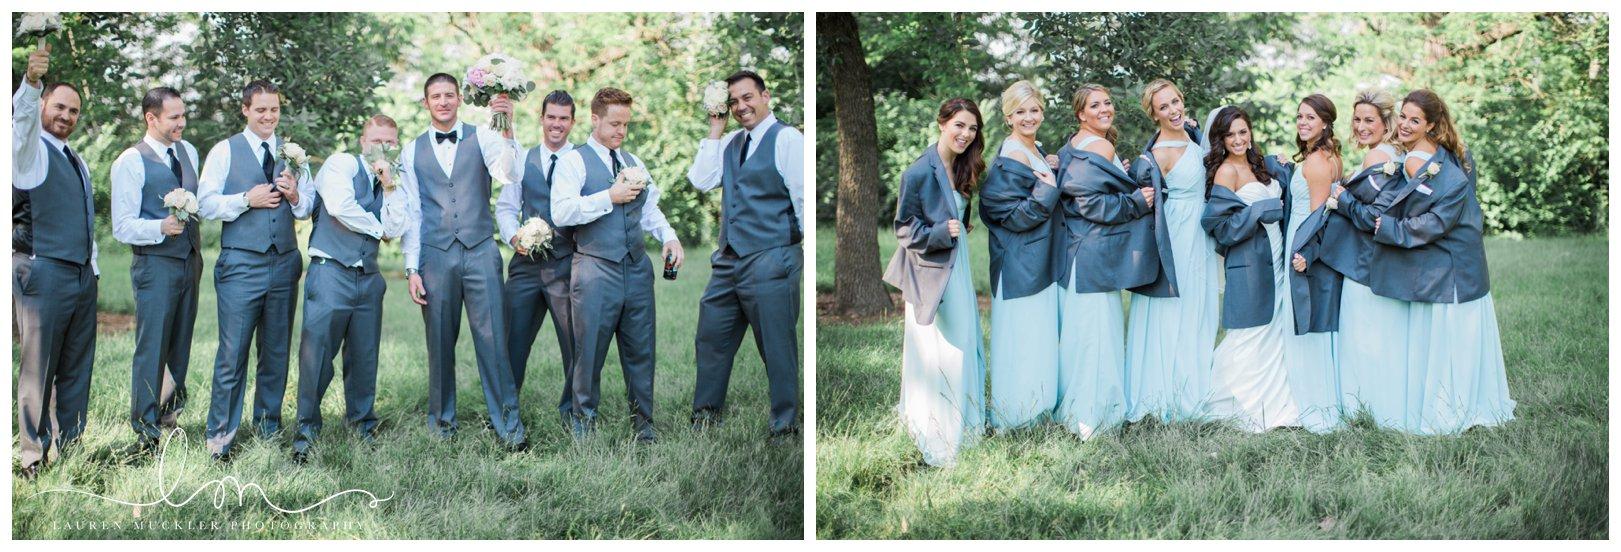 lauren muckler photography_fine art film wedding photography_st louis_photography_0264.jpg